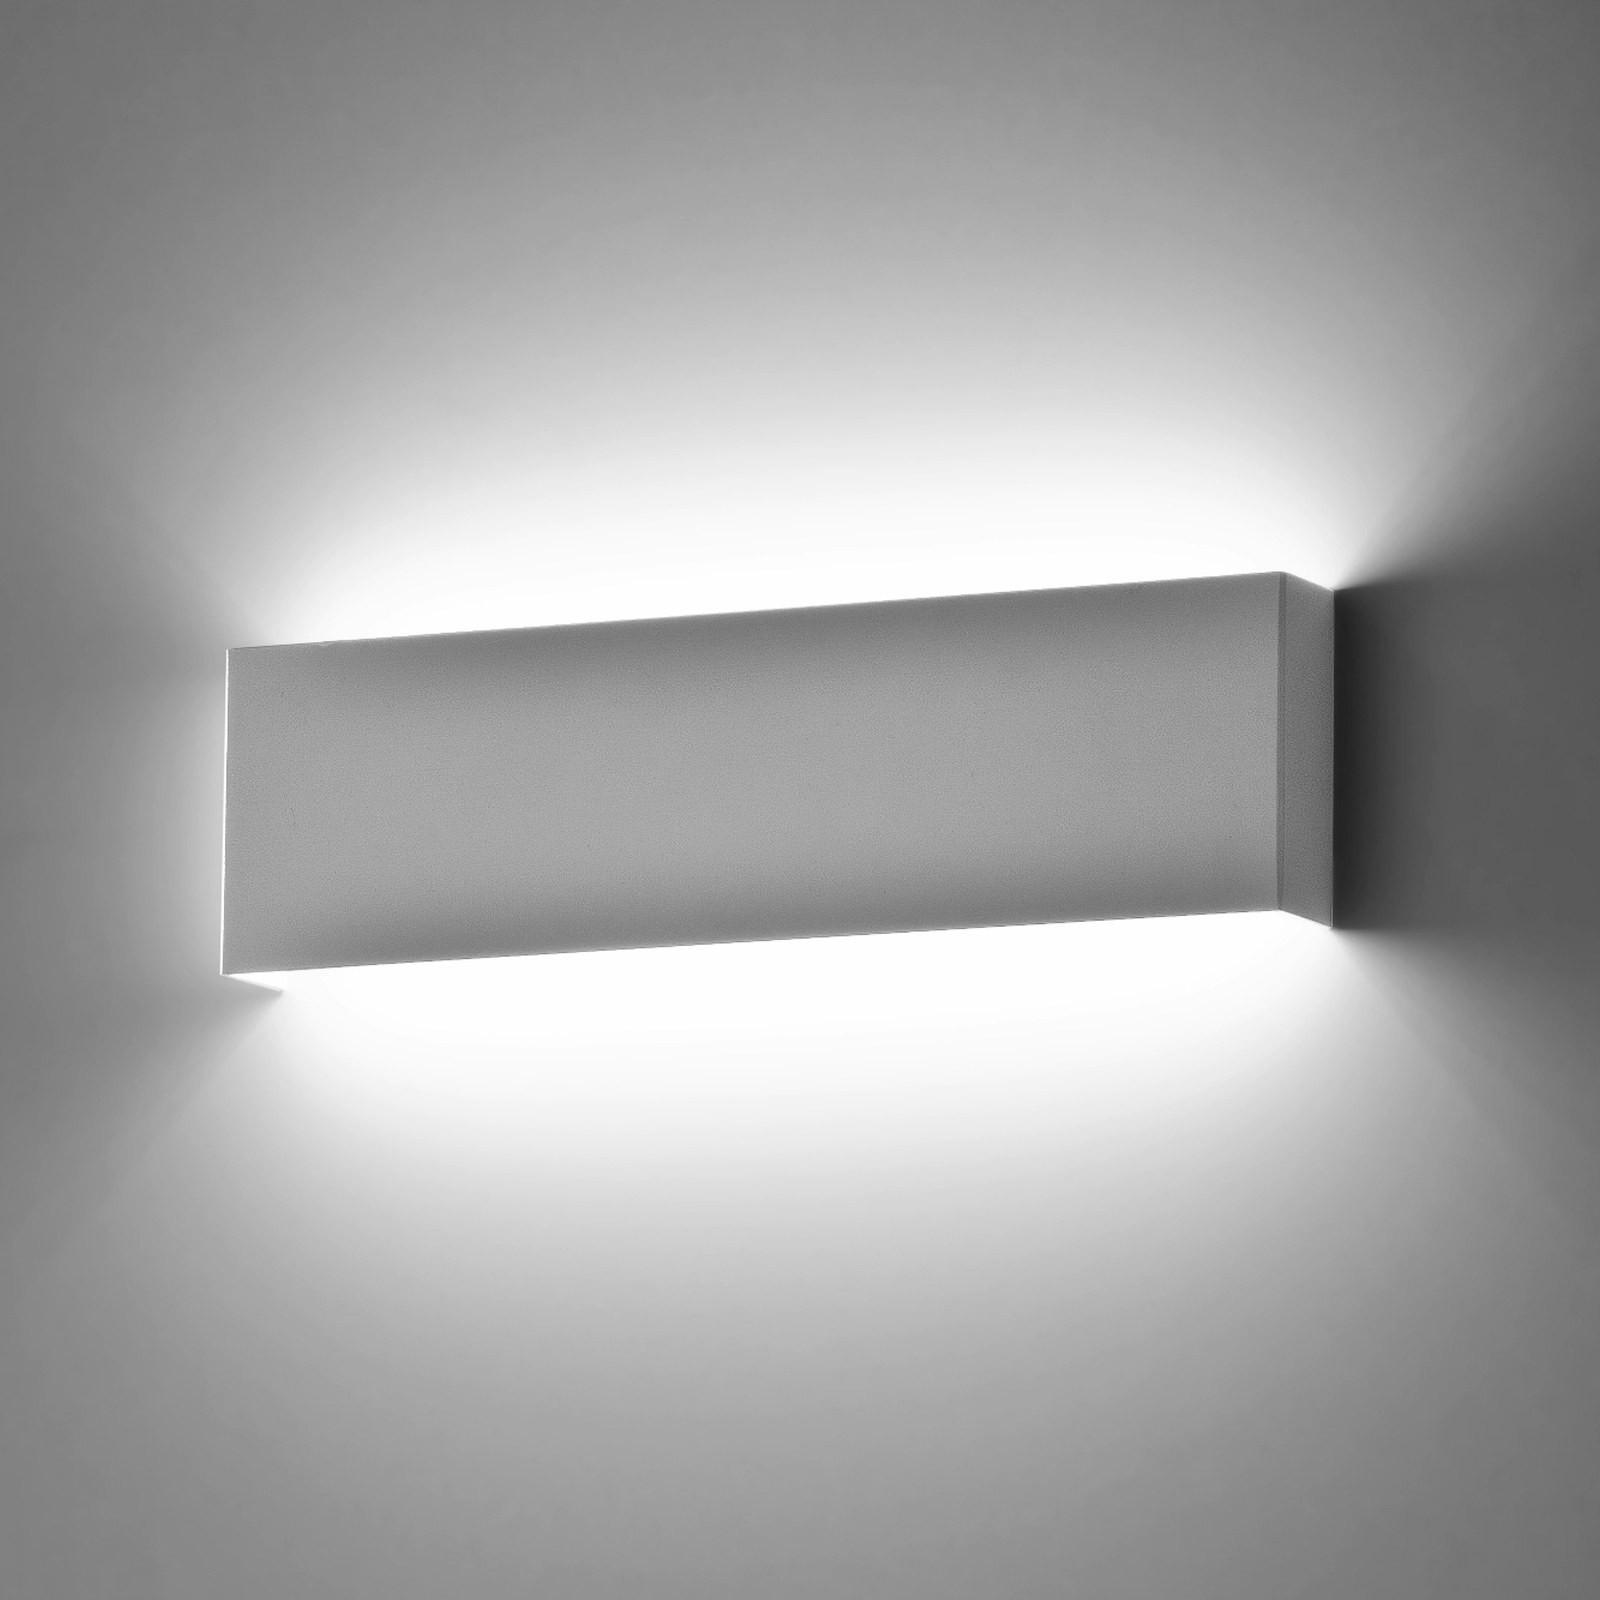 Lampade Al Neon Da Parete plafoniera applique da parete muro lampada isyluce 901 moderno design  bianco 18w